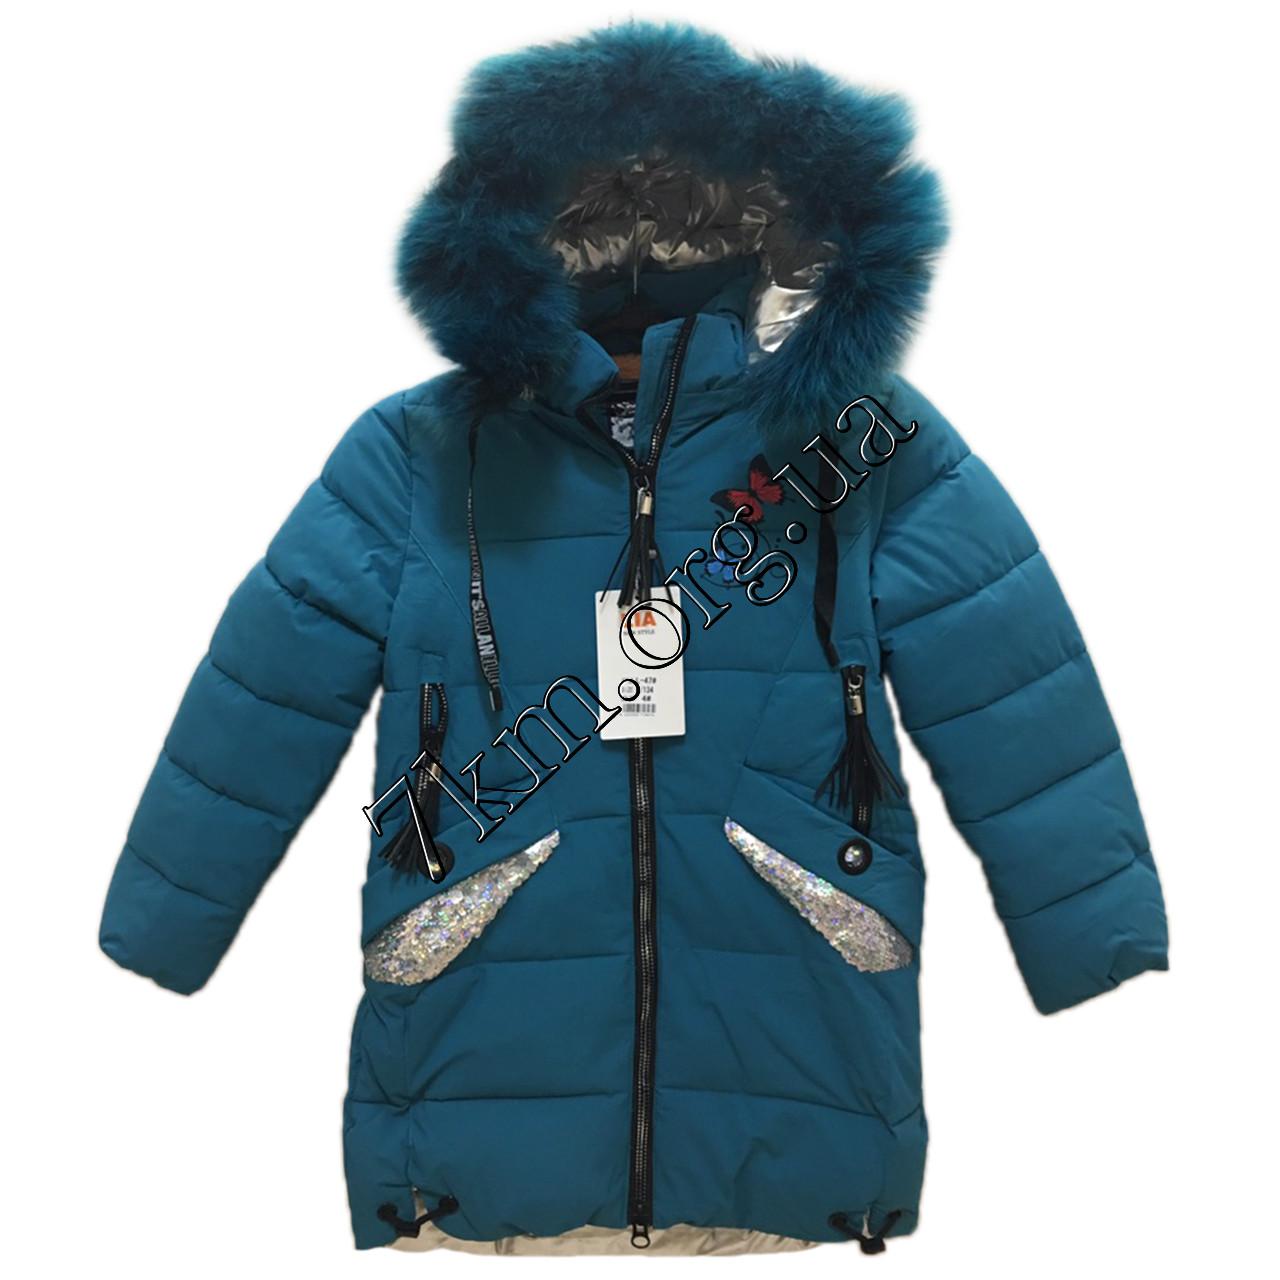 Куртка підліткова для дівчаток 122-146 див. Україна Оптом 261102-1